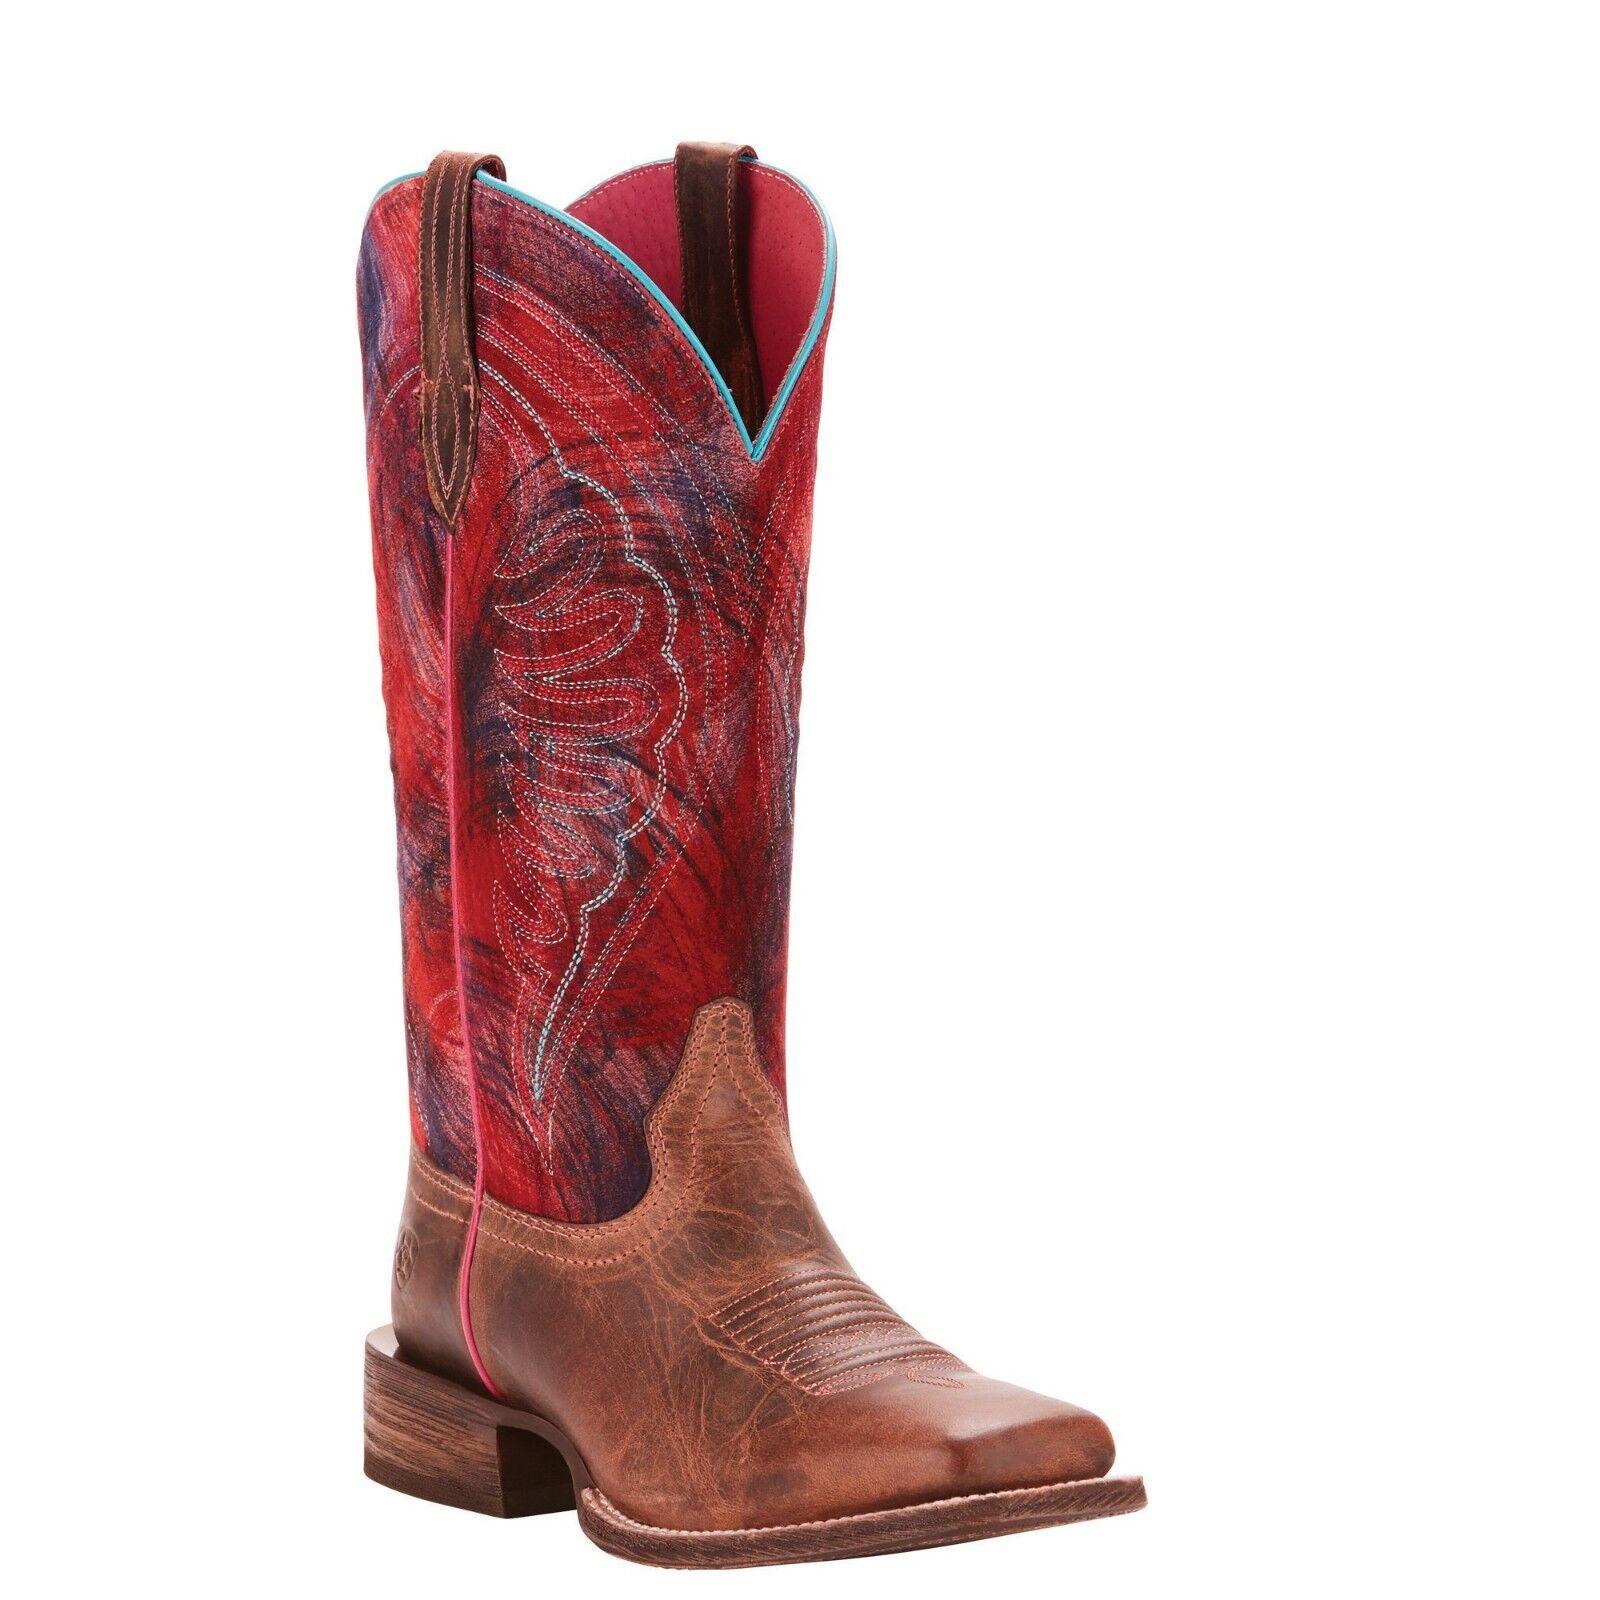 vendita calda online Ariat® Ladies Circuit Shiloh Weathered Tan & rosso rosso rosso stivali 10025051  negozio online